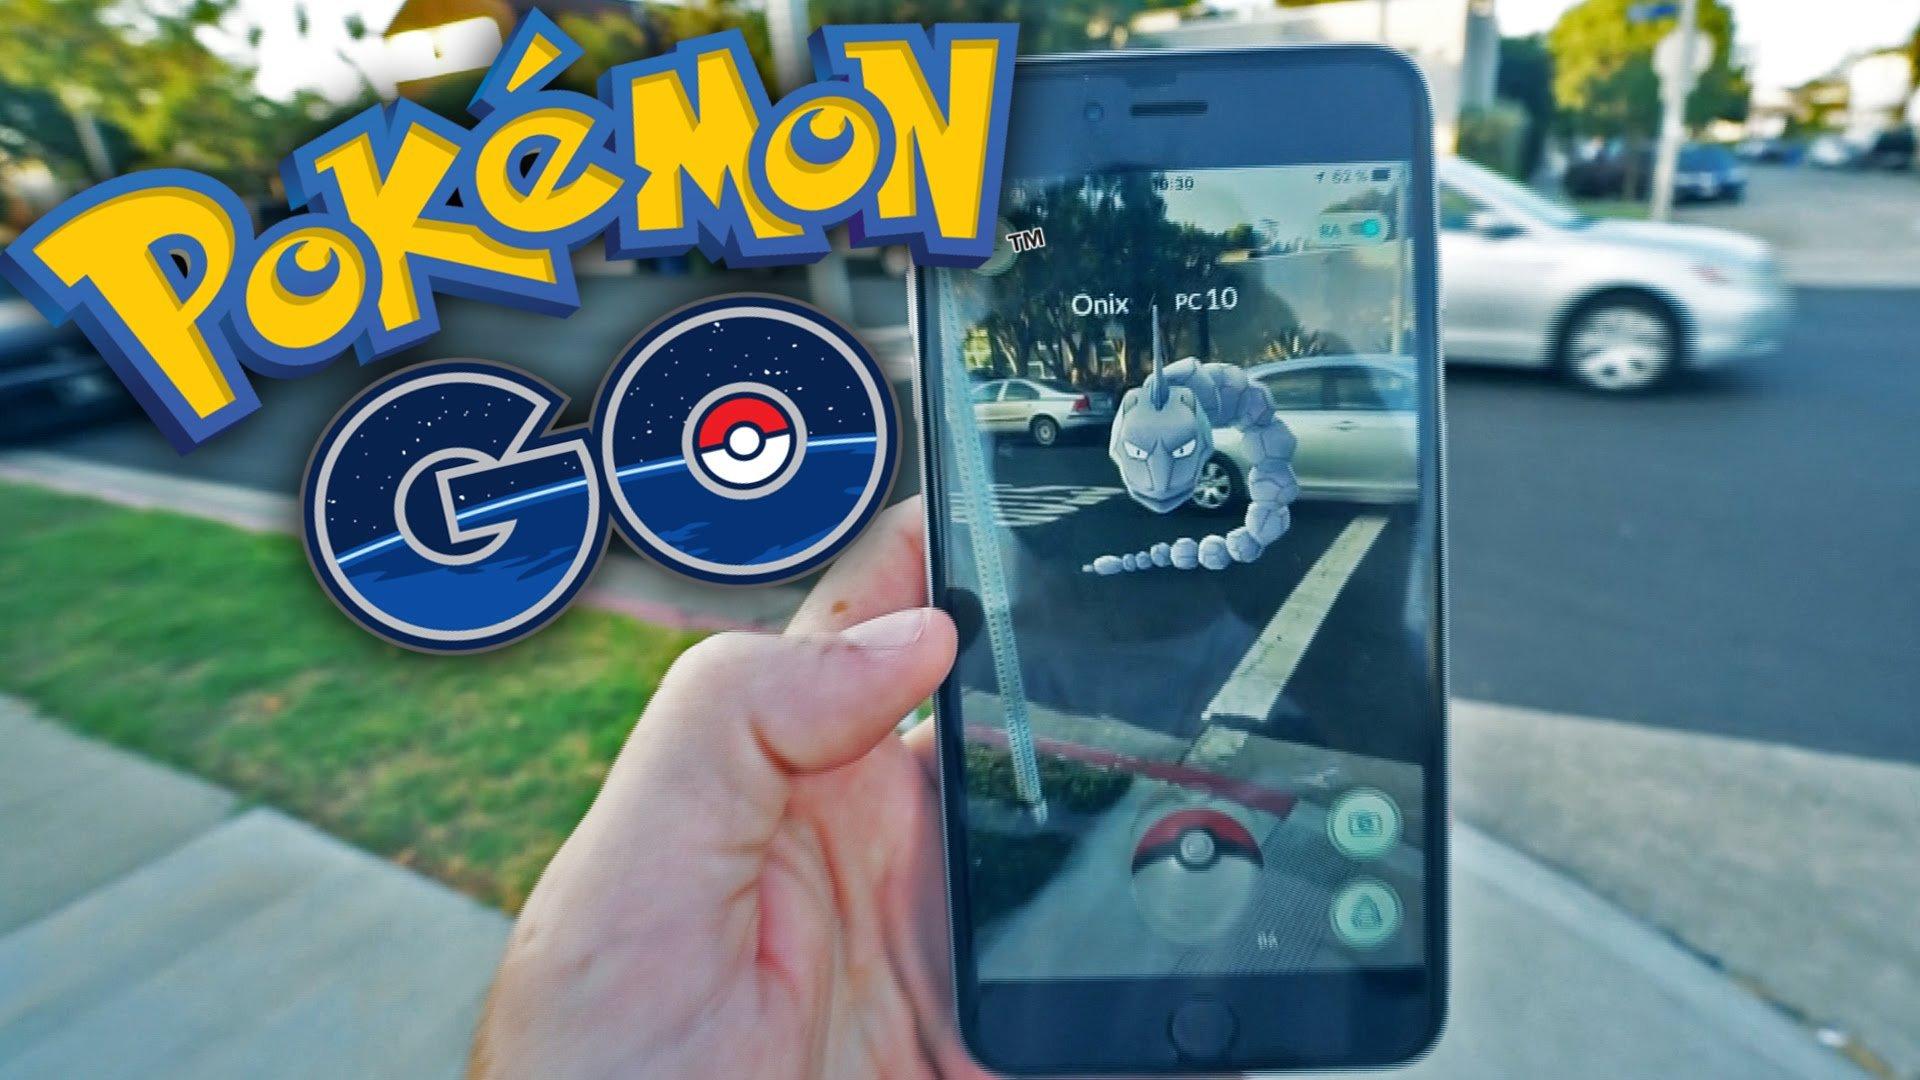 Modojo | Pokemon Go: Legendary Pokemon And PvP Arriving This Summer